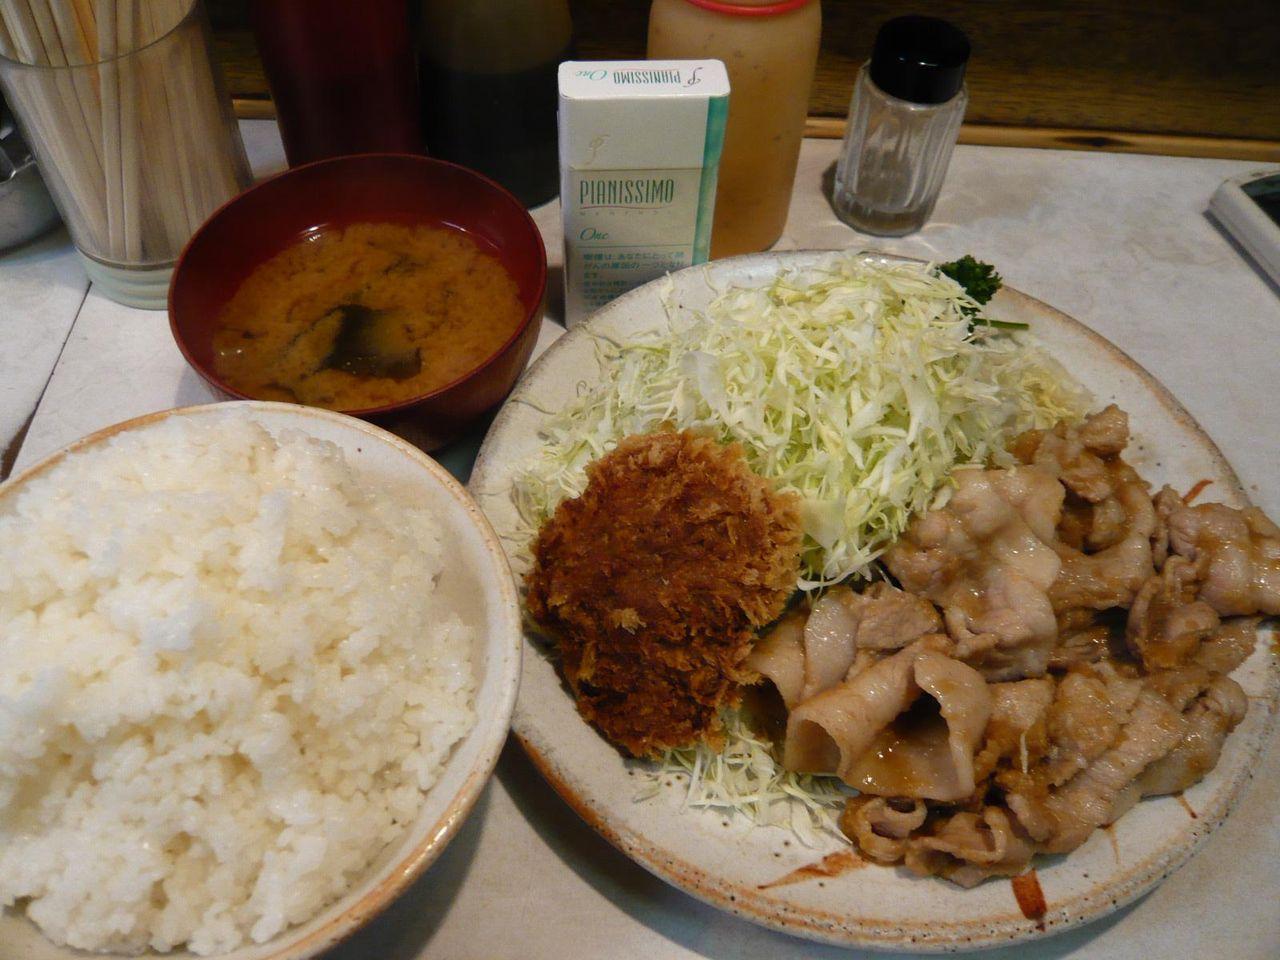 豚しょうが焼き定食+メンチ1枚800円+肉の大盛200円